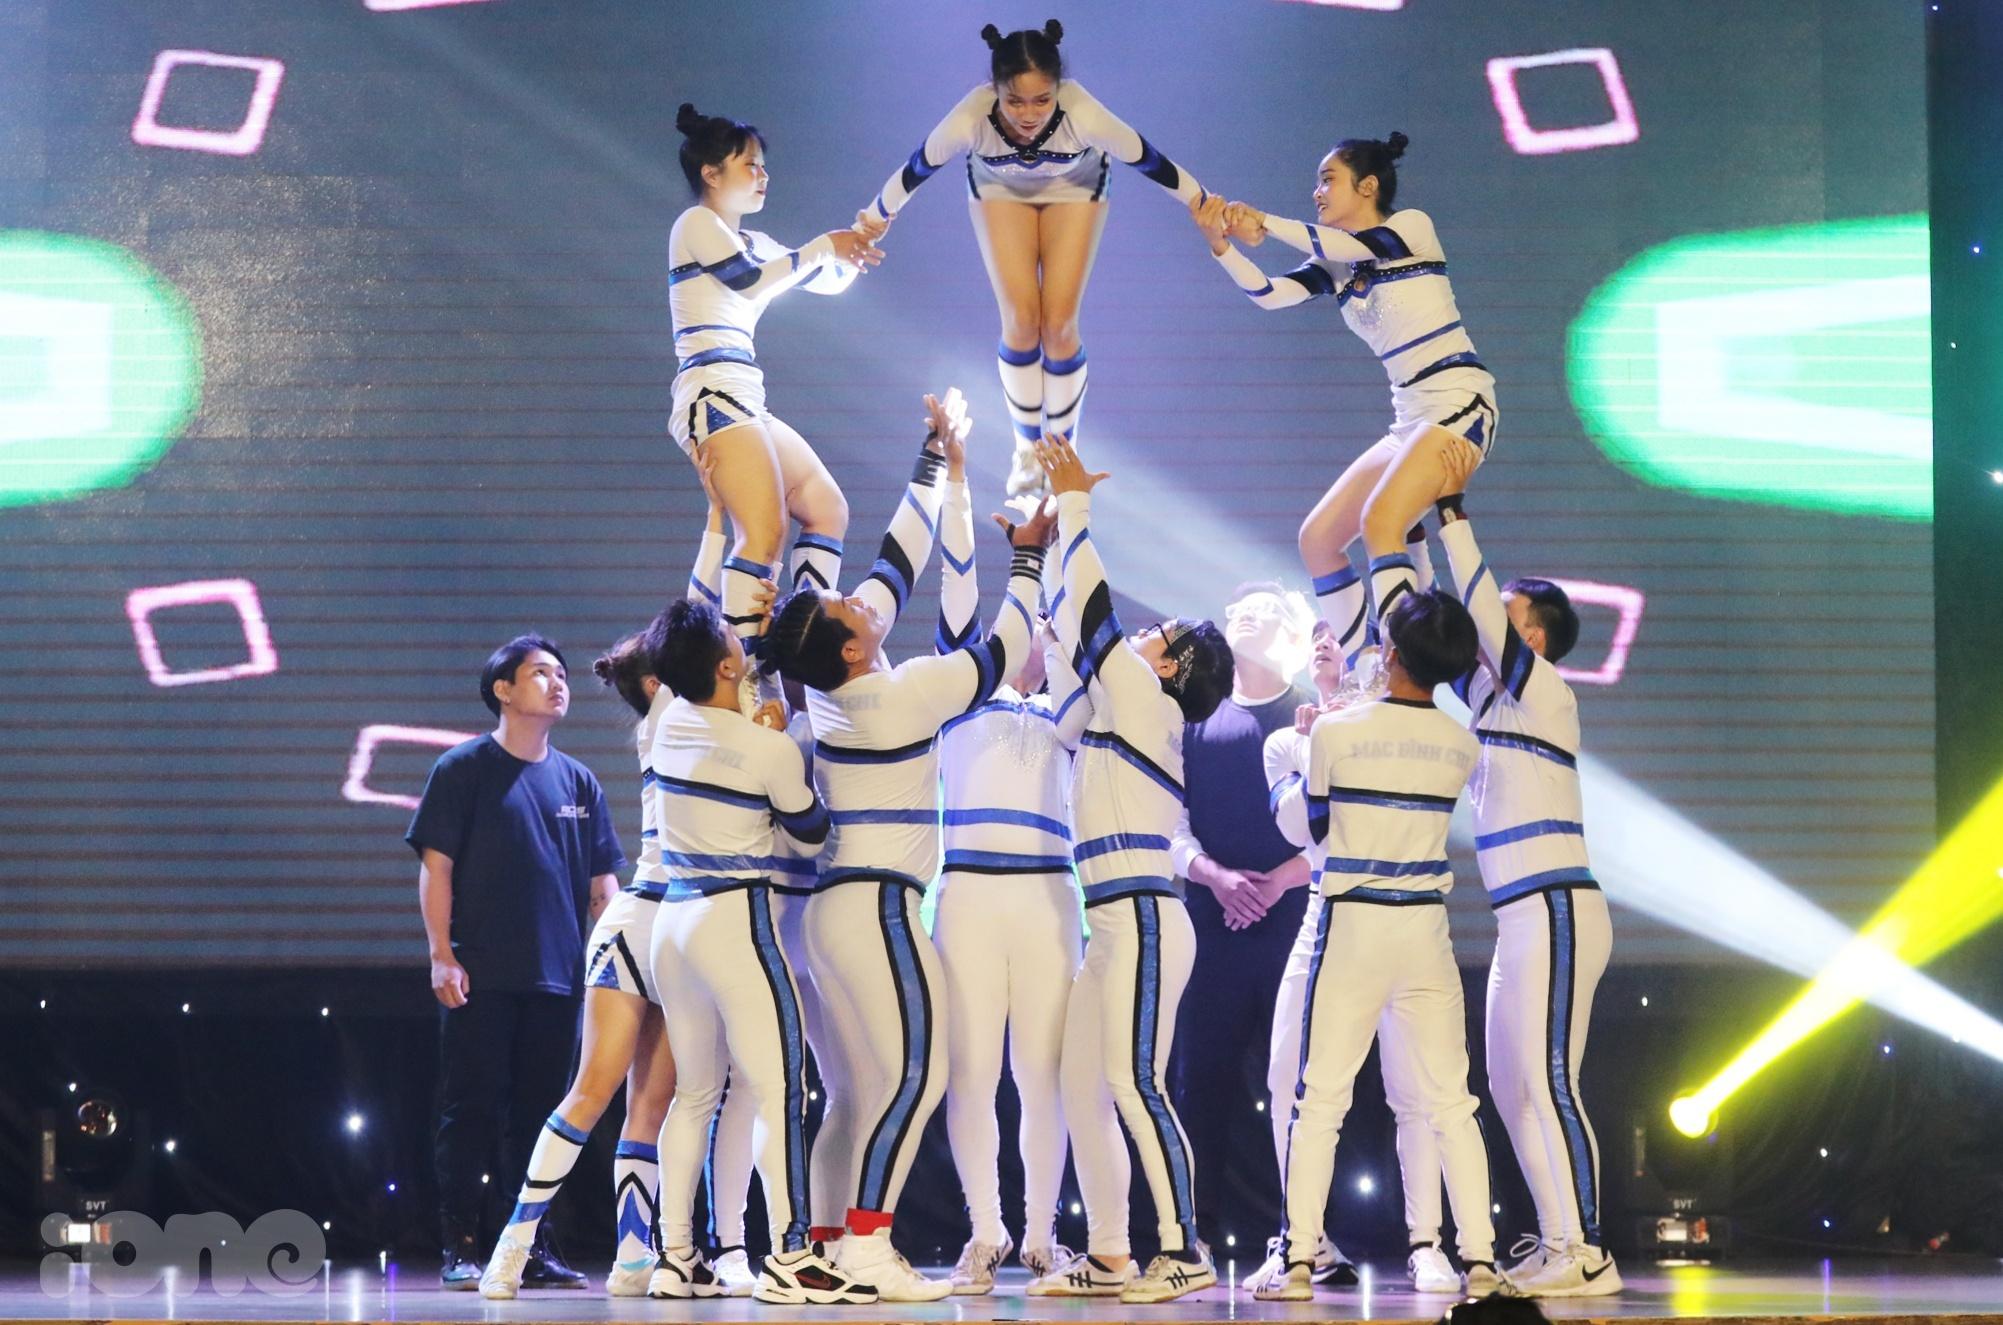 Màn trình diễn mở màn 12 khách mời thuộc nhóm nhảy ACES Cheerleading Team tạo sức nóng cho đêm bán kết Dance For Youth phía Nam. Trên nền nhạc sôi động, tiết tấu nhanh, các thành viên thực hiện nhiều động tác khó, lộn nhào và tung hứng mạo hiểm.